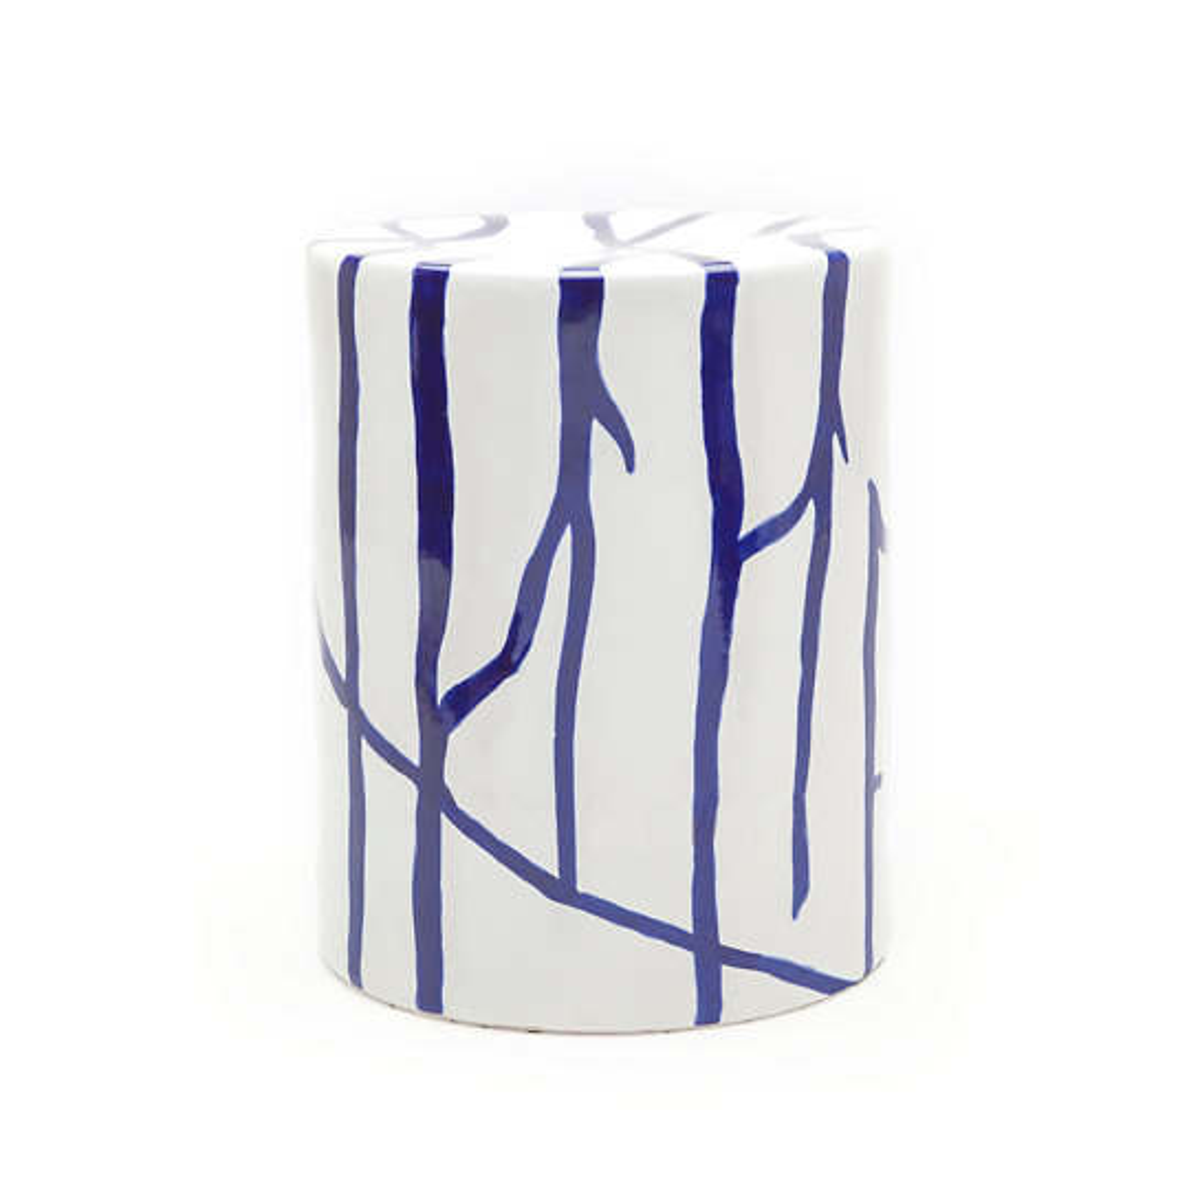 White/Blue Willow Stool